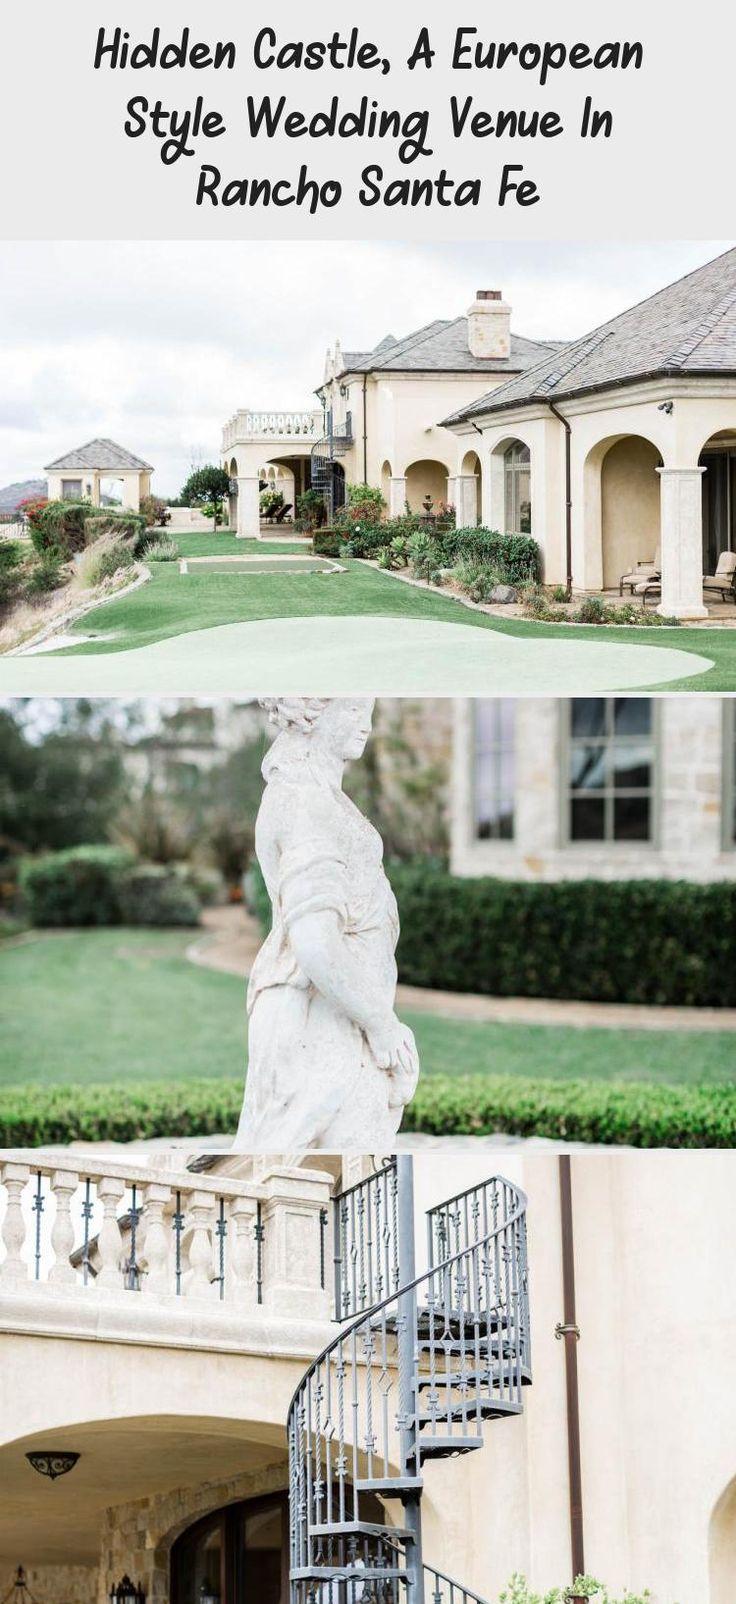 My Blog in 2020 | Rancho santa fe, Rancho, Wedding venues